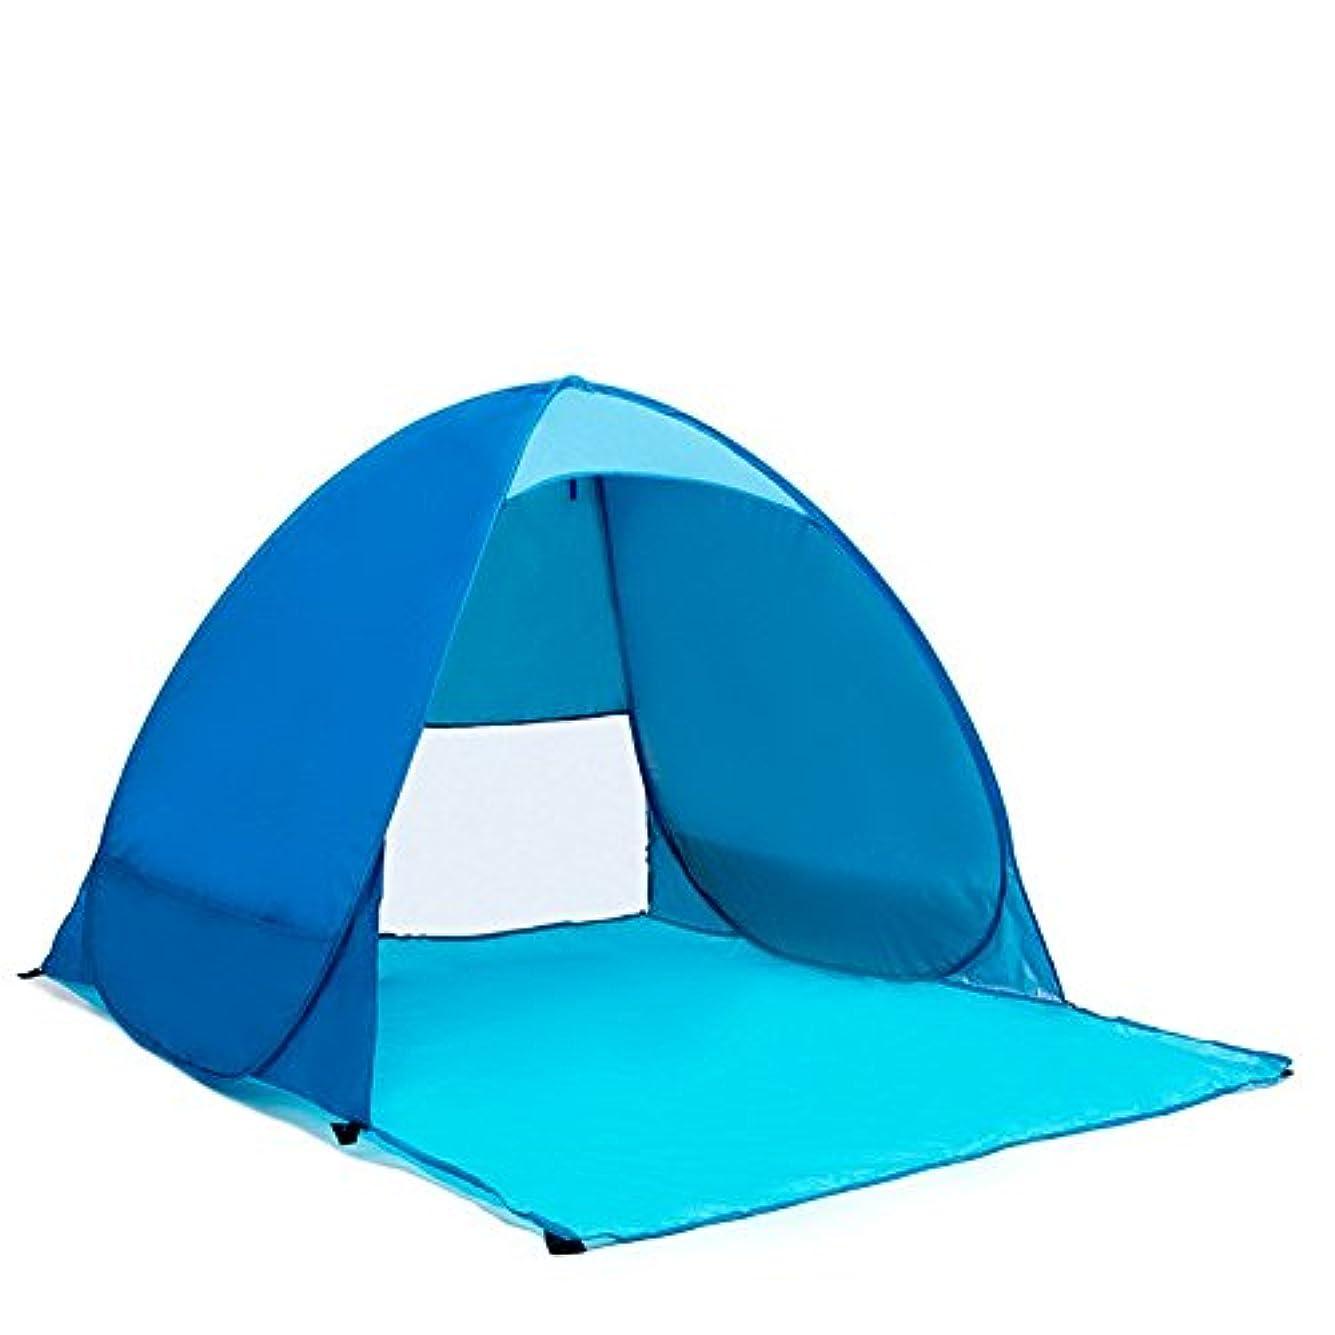 なのでポーターイタリアのFeelyer 145 * 155 * 110センチ屋外キャンプテントビーチテントサンシェードテント2-3人インストールが簡単持ち運びが簡単 顧客に愛されて